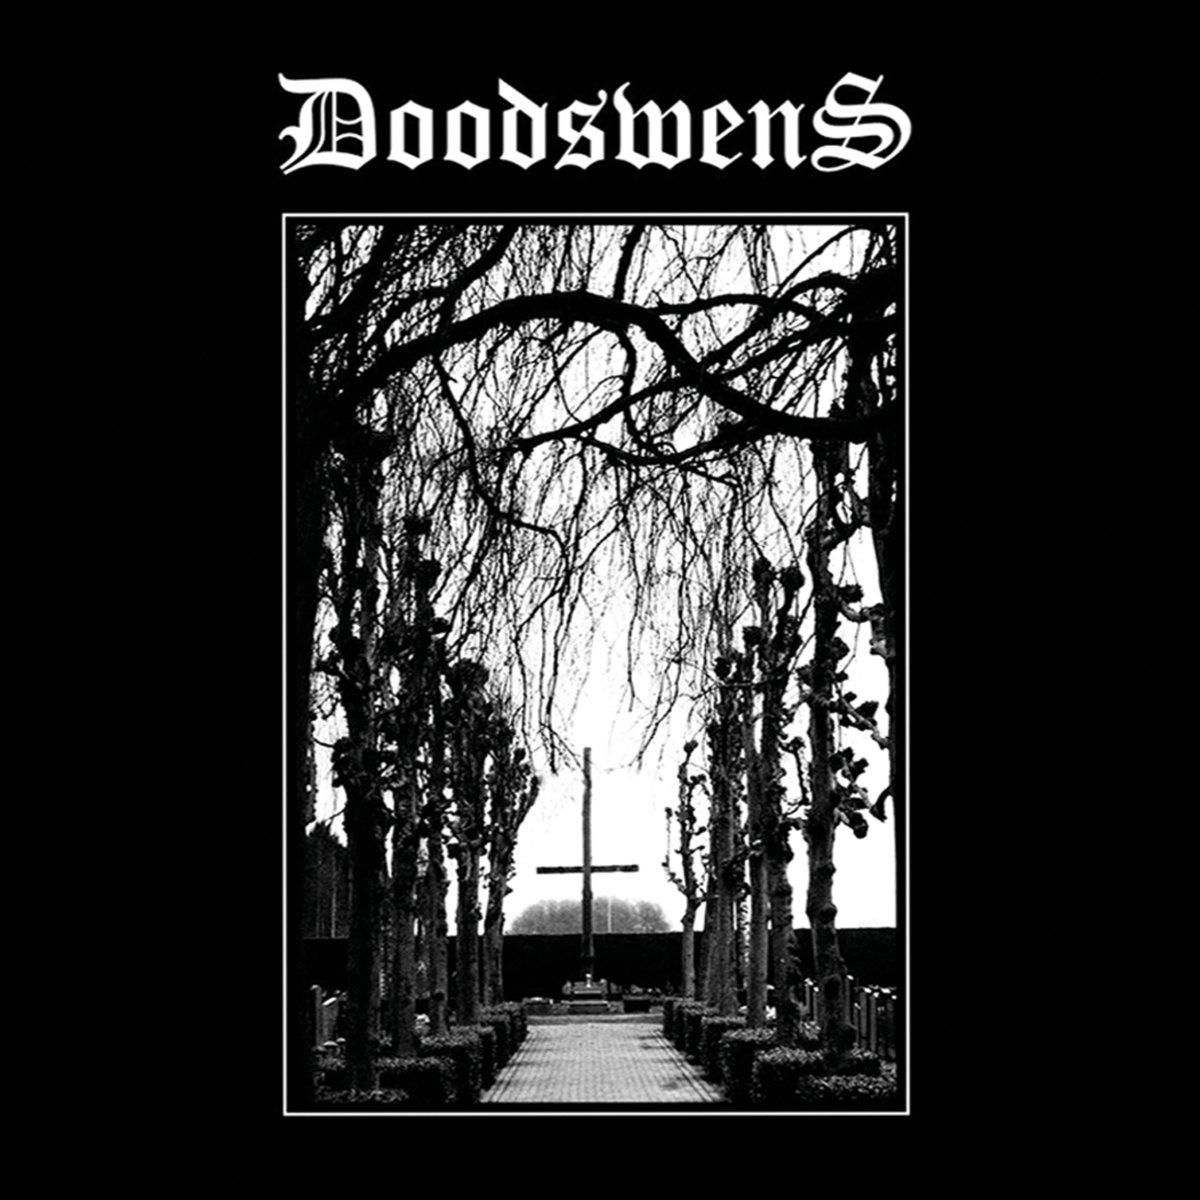 Doodswens – Demo I (2019) [FLAC]